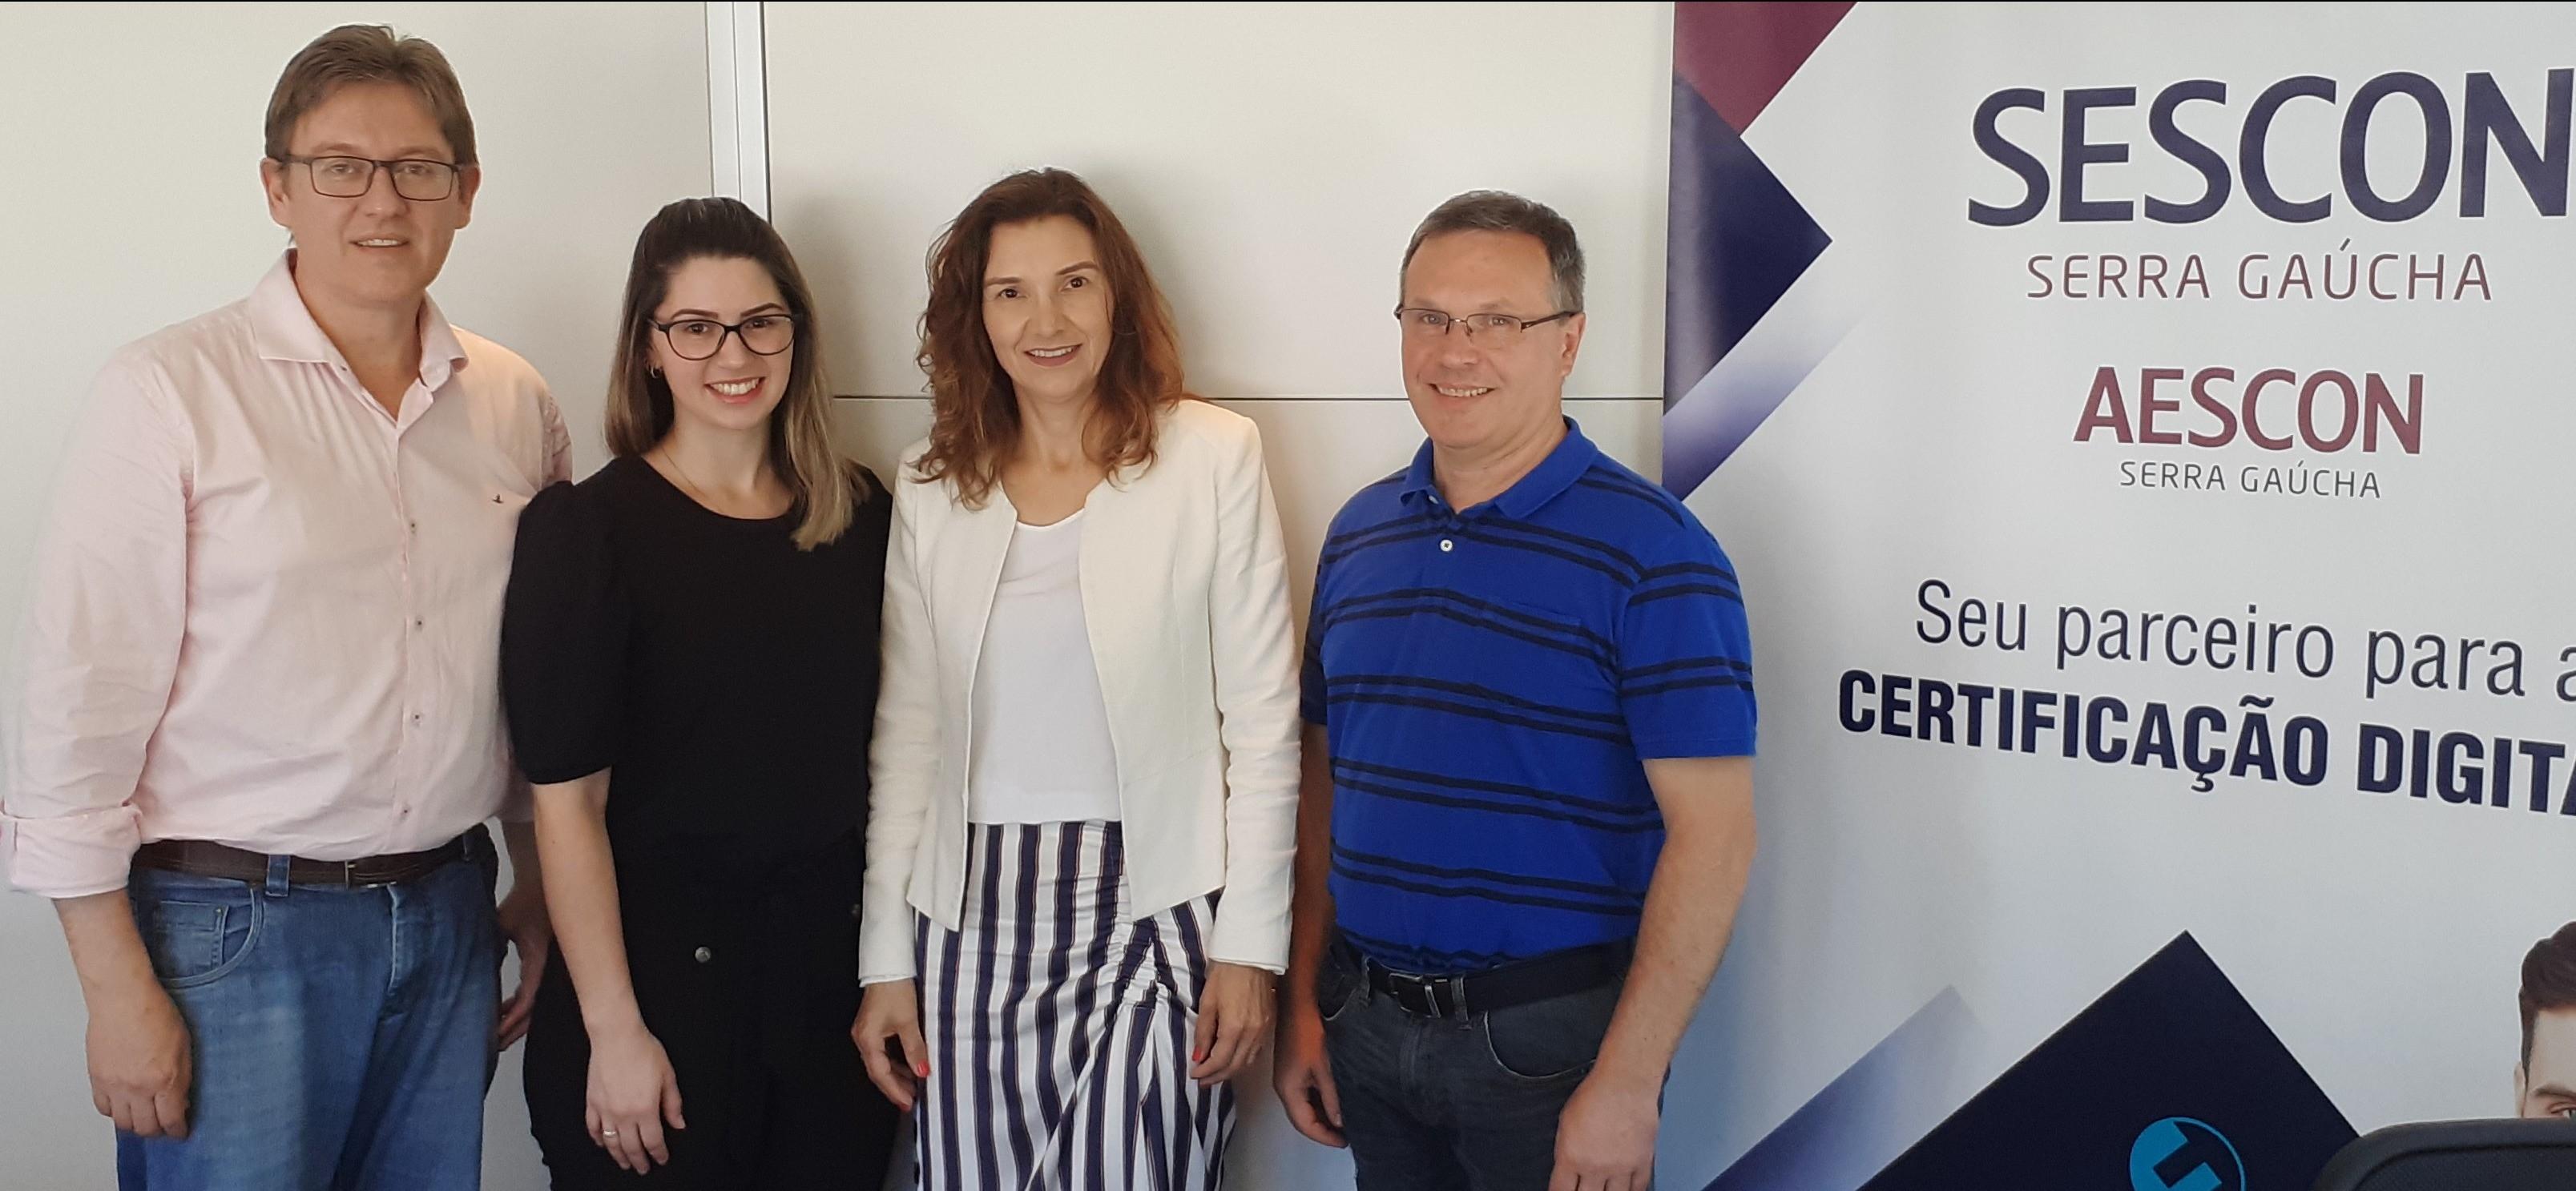 Trino Polo  e Sescon Serra Gaúcha criam Grupo de Estudos